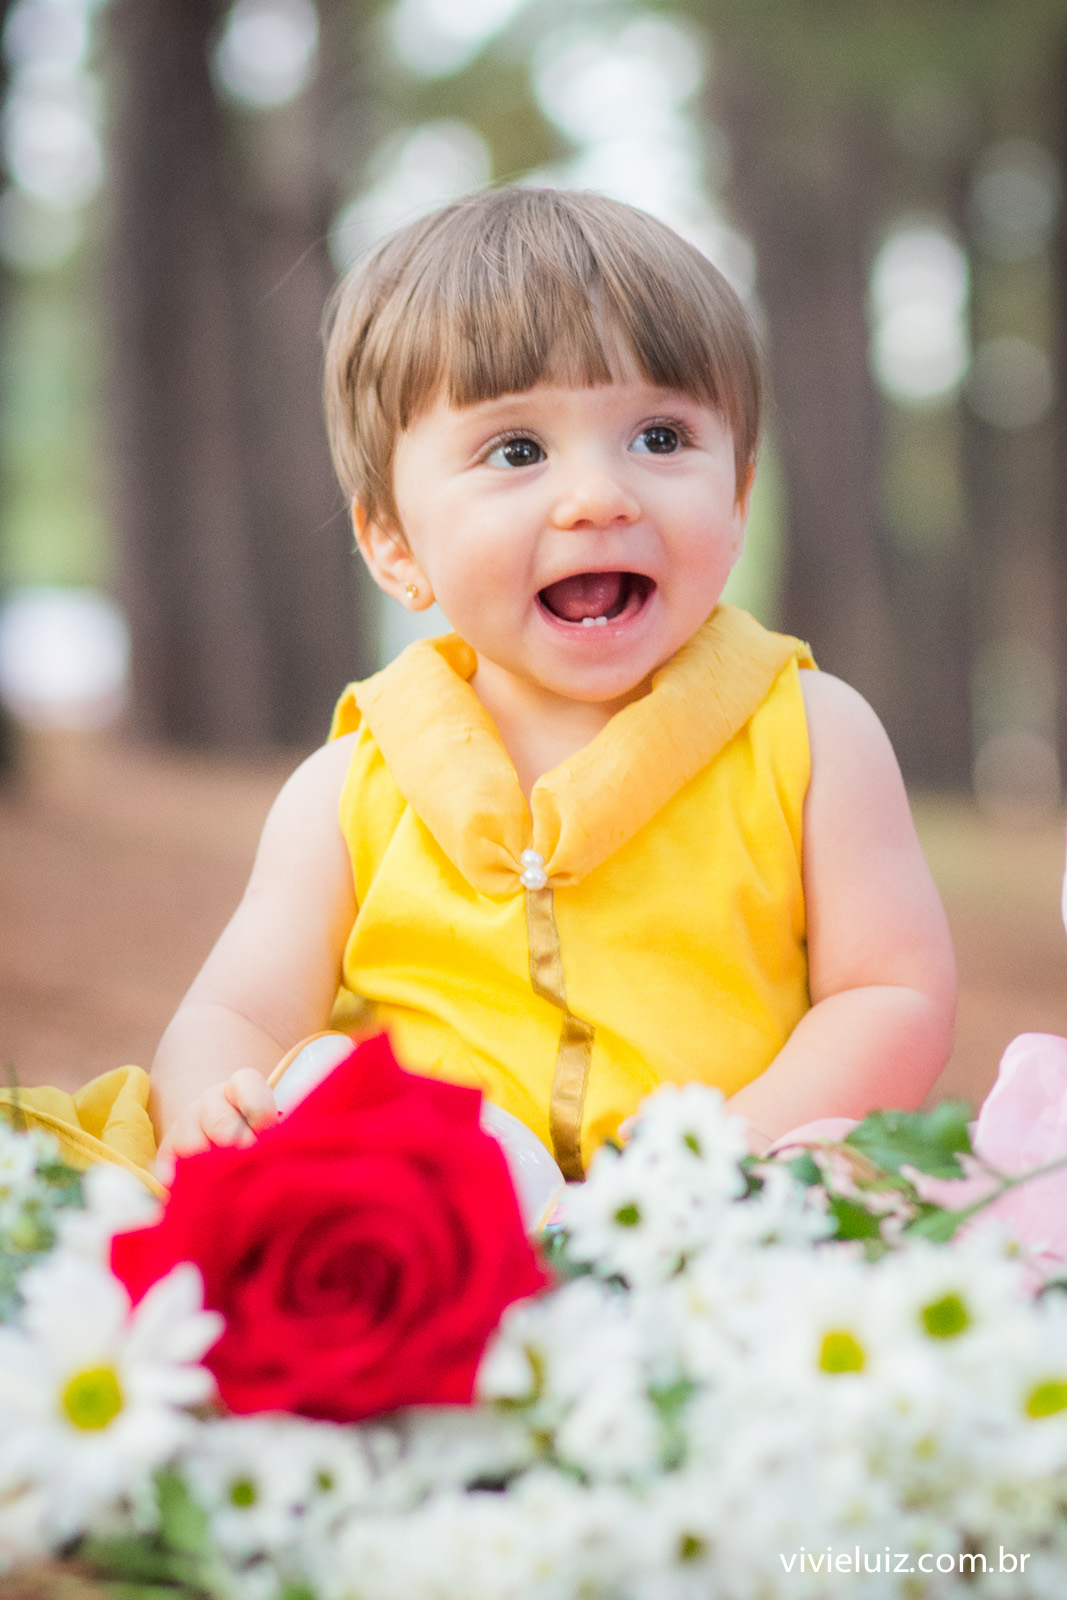 princesa da disney fantasiada em criança